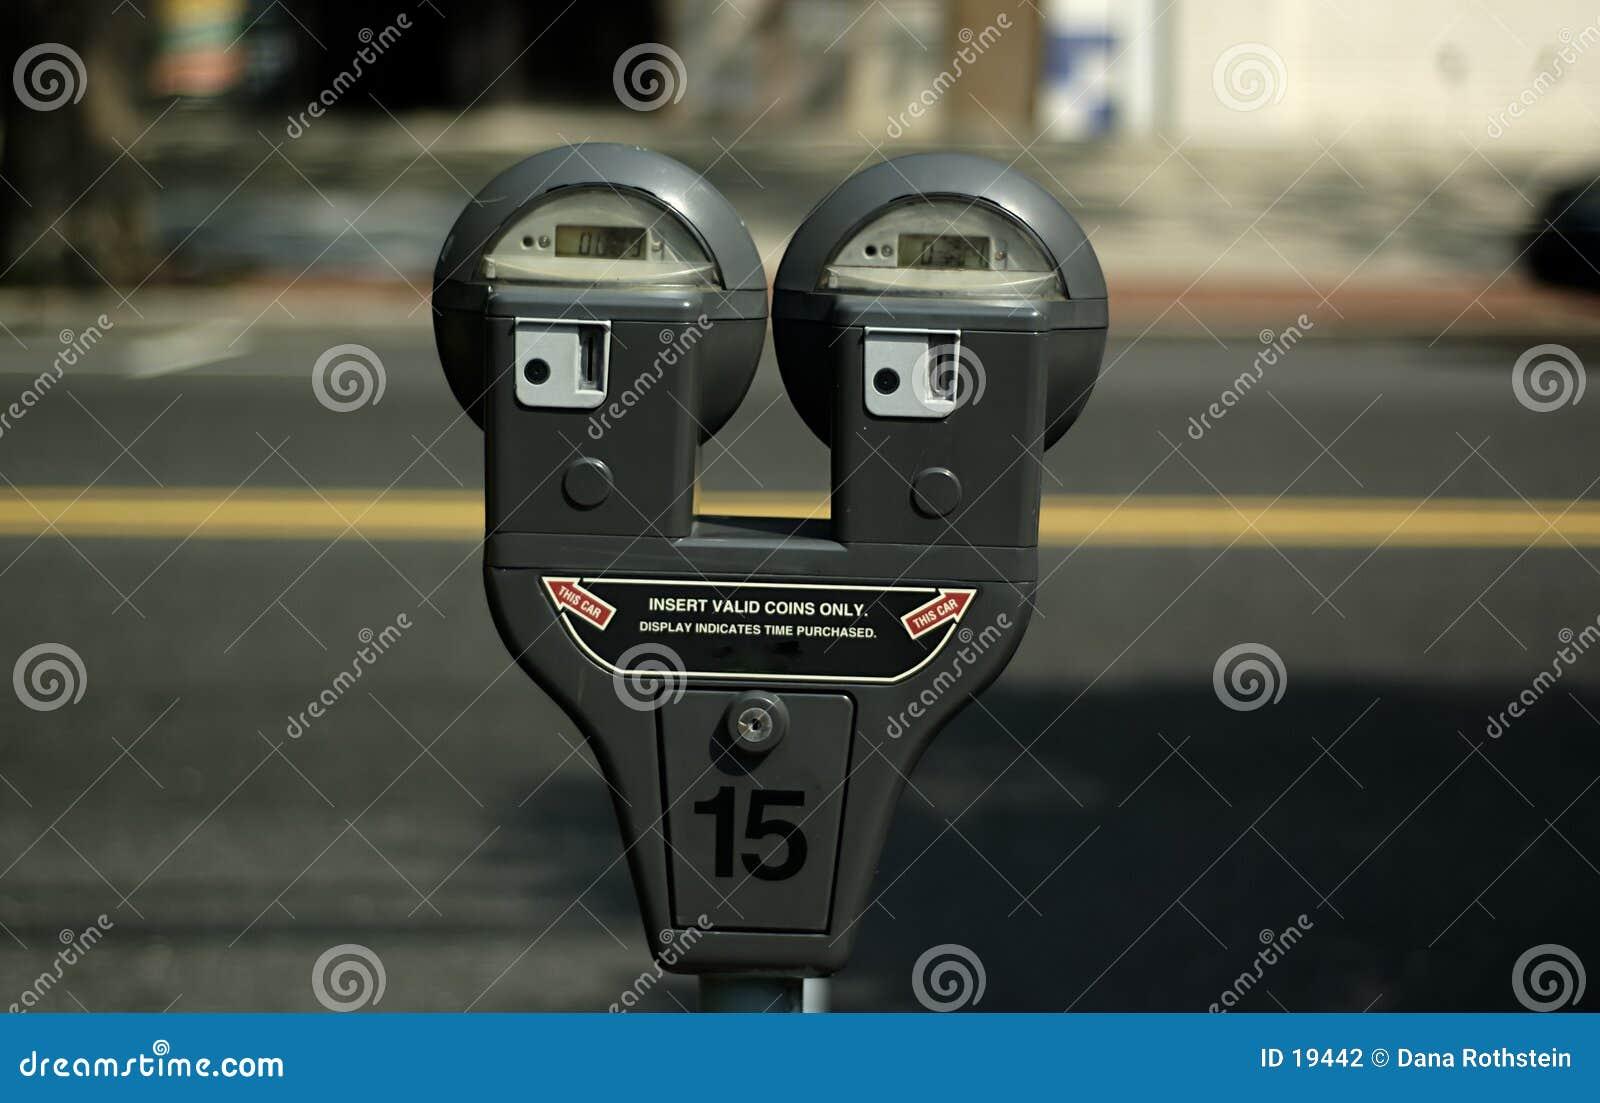 χώρος στάθμευσης μετρητών